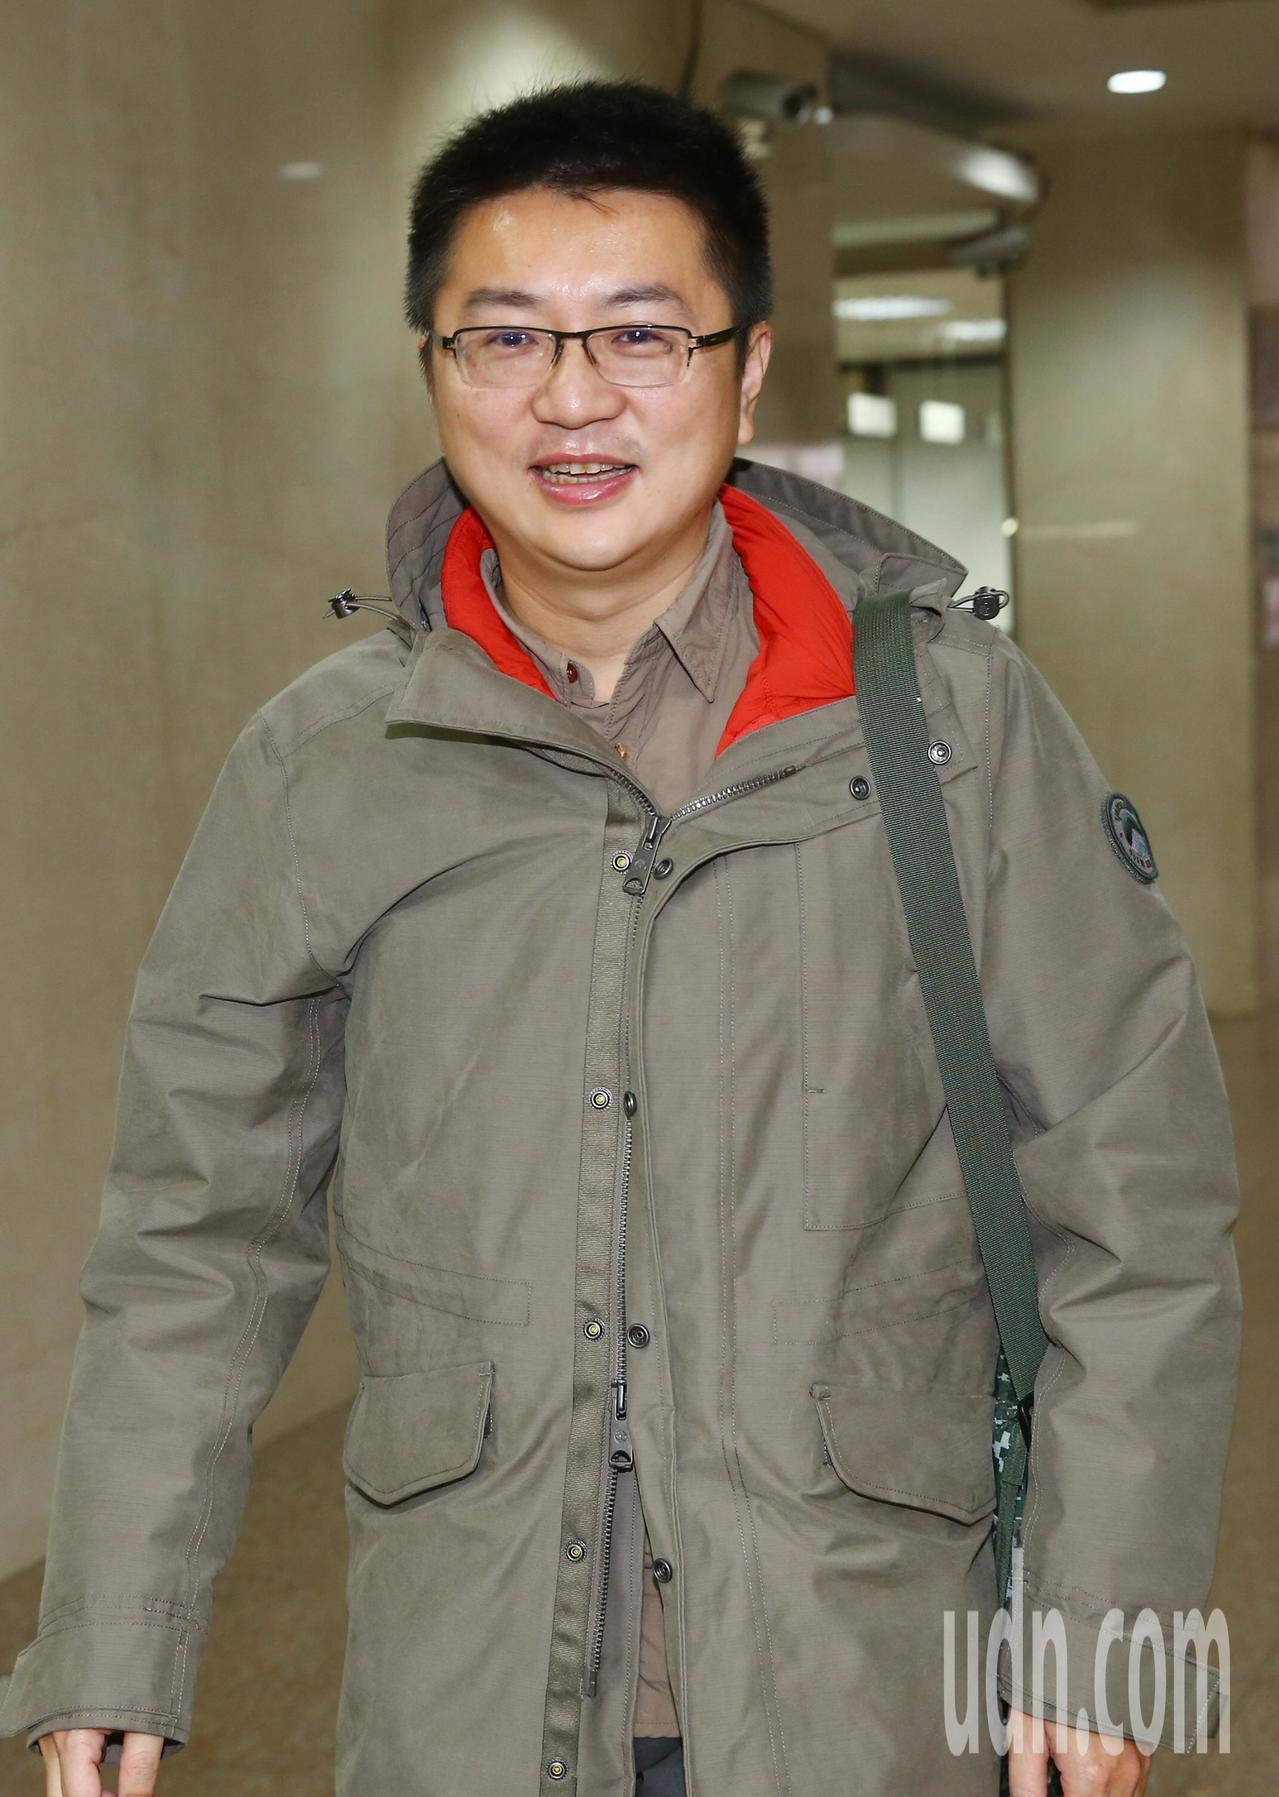 台北地院上午審理新黨王炳忠等人違反國安法案,傳喚林明正出庭應訊。記者曾學仁/攝影